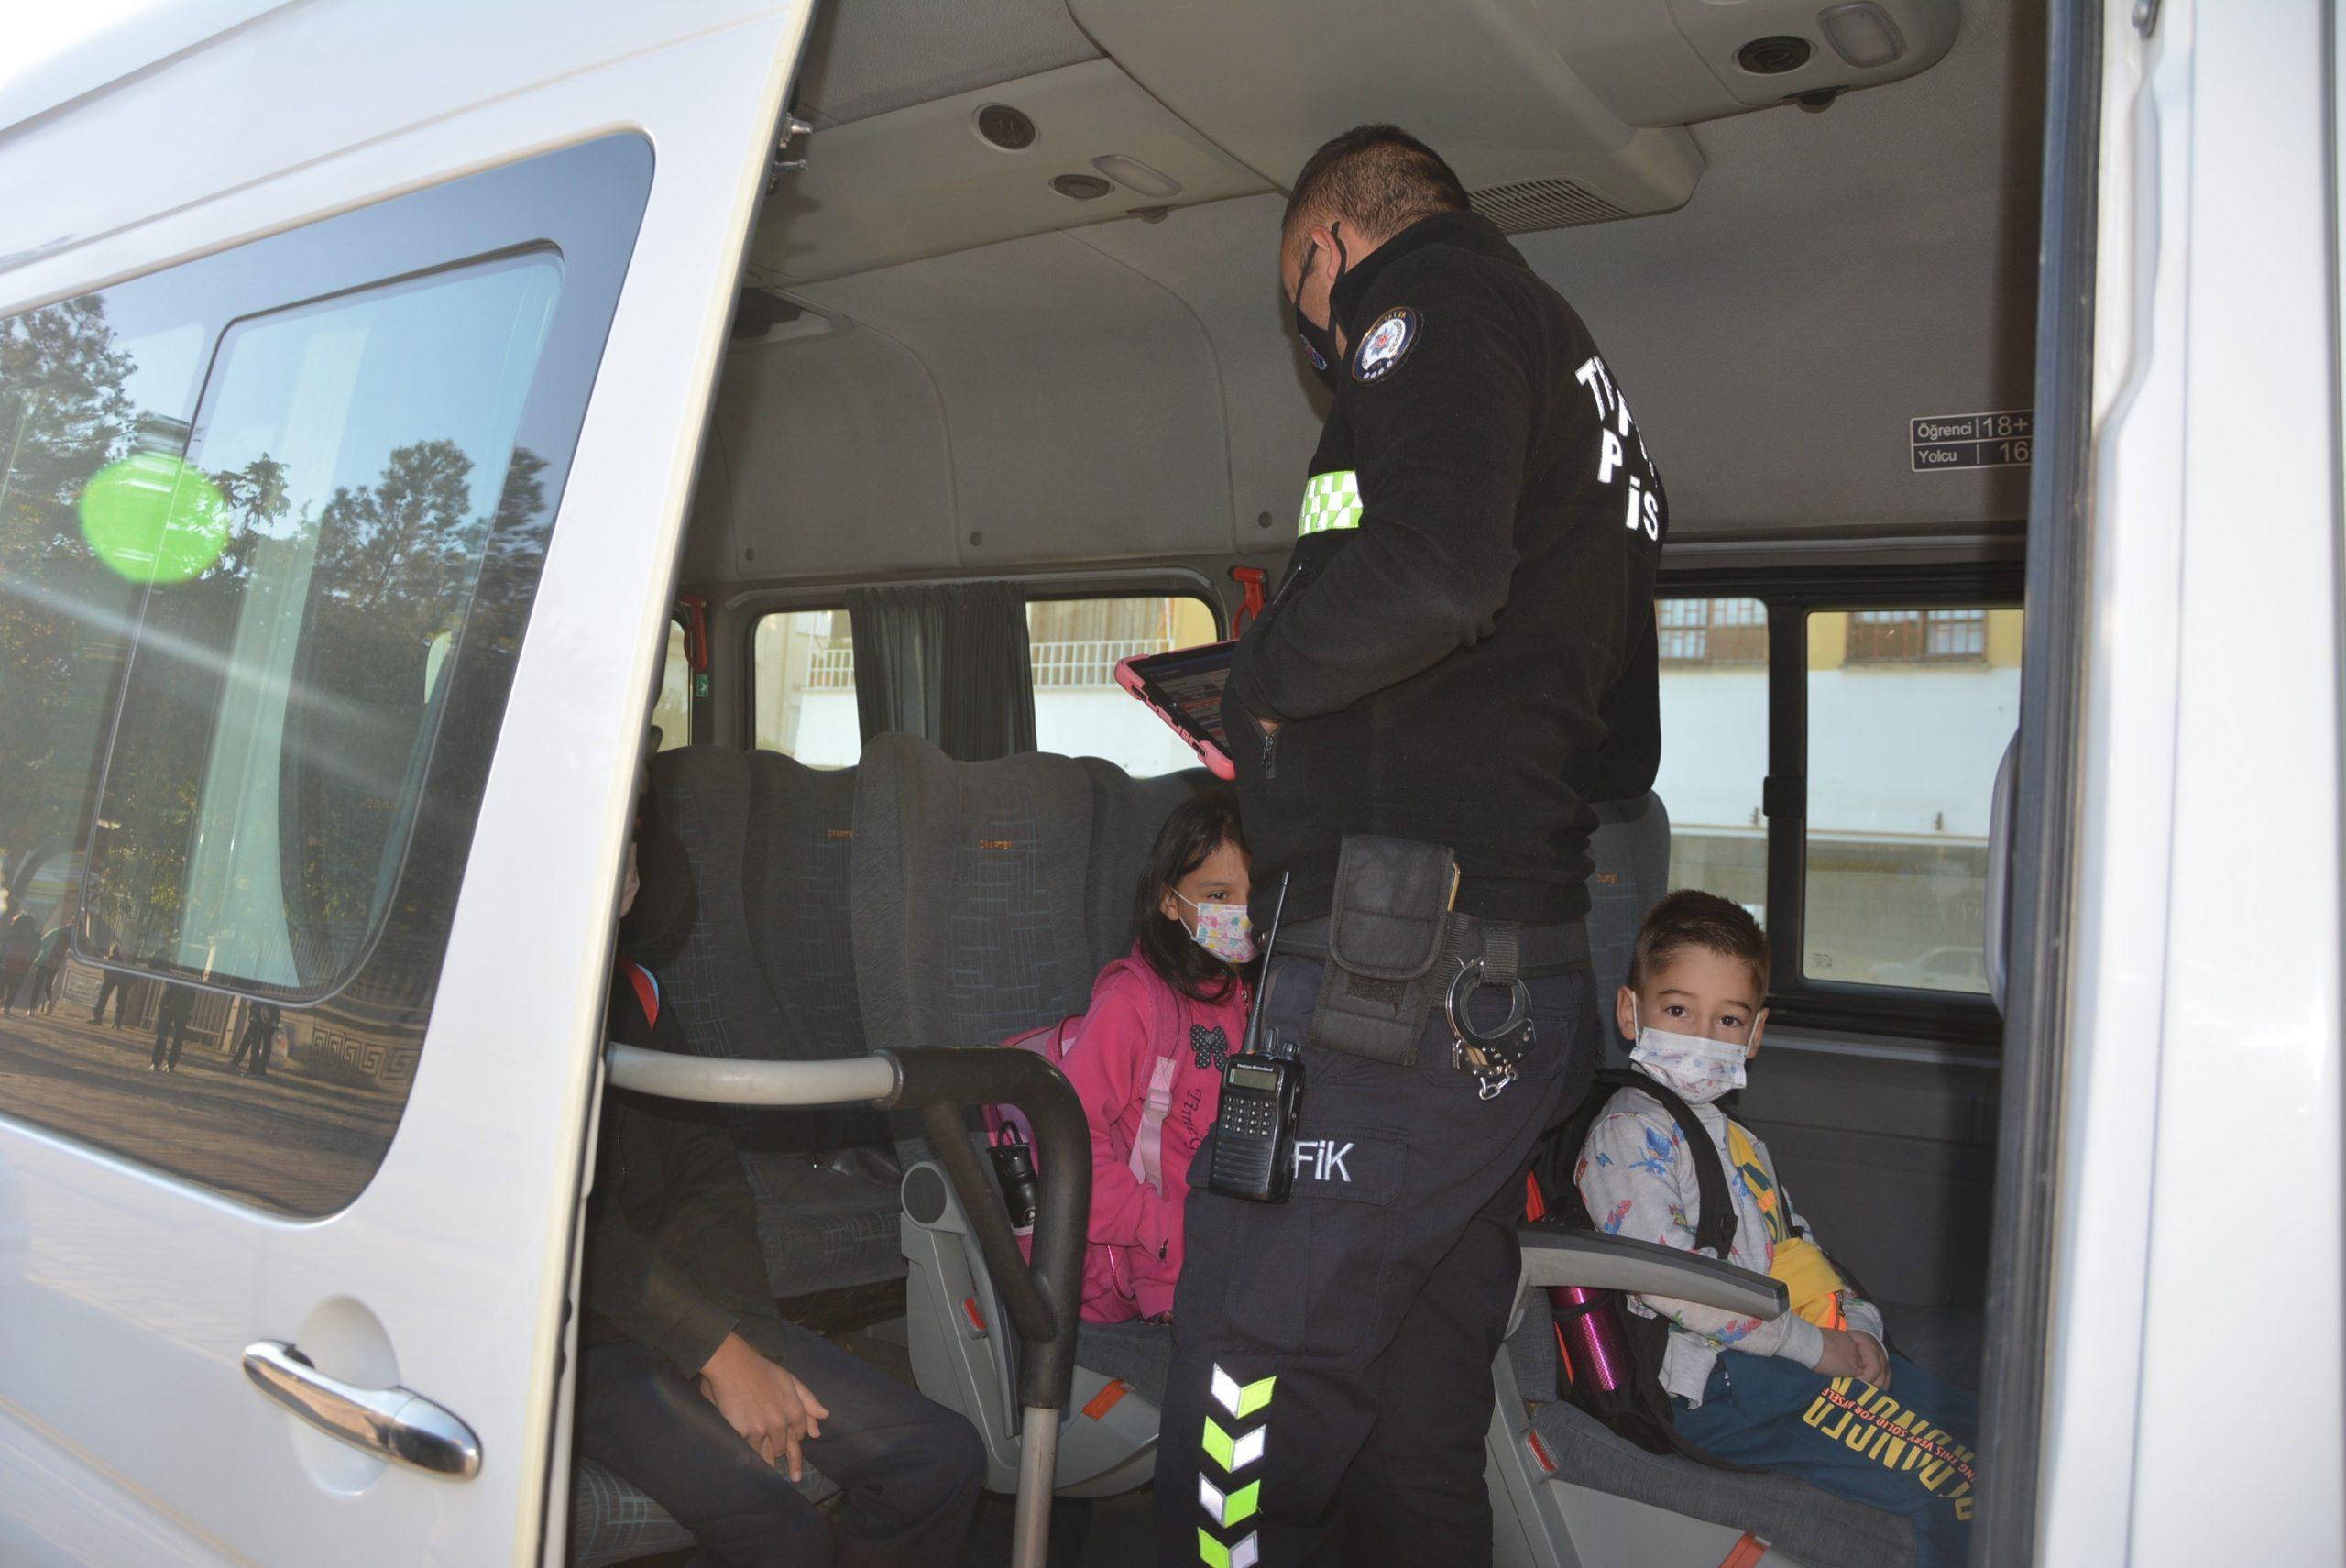 Antalya'da servis araçlarına şafak denetimi